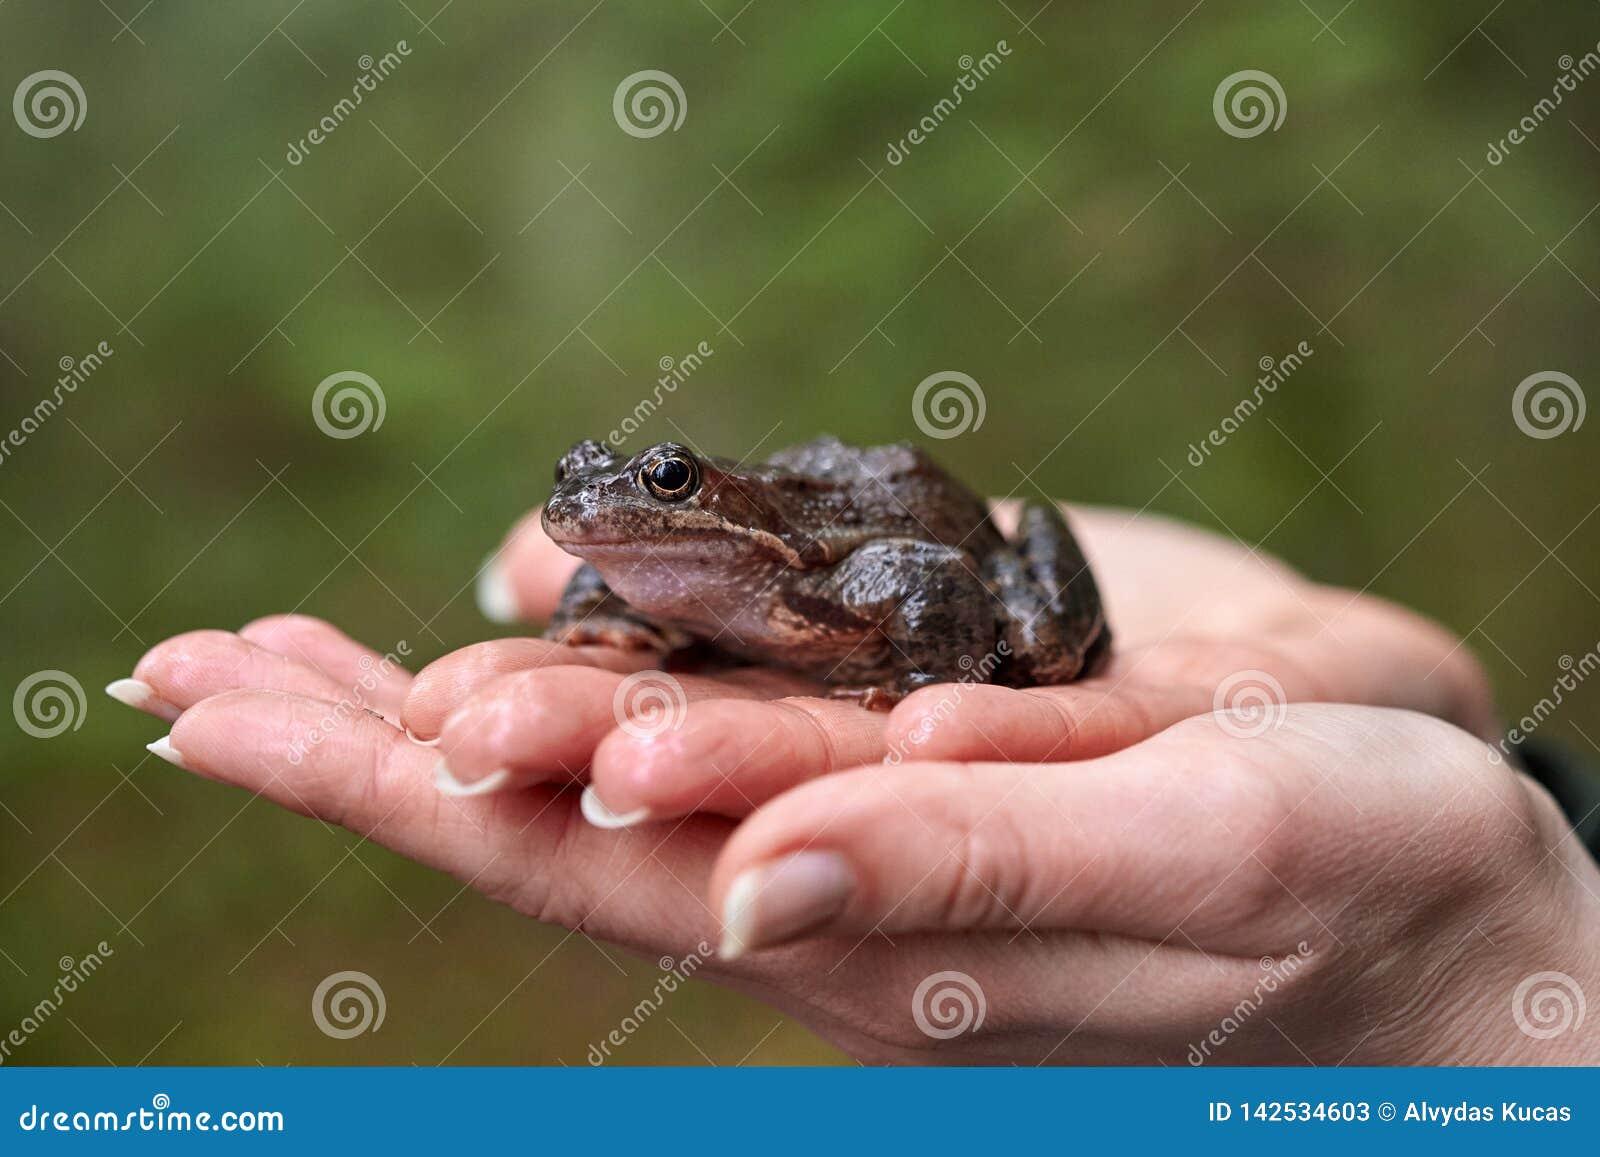 Bruine kikker in de handen van de vrouw